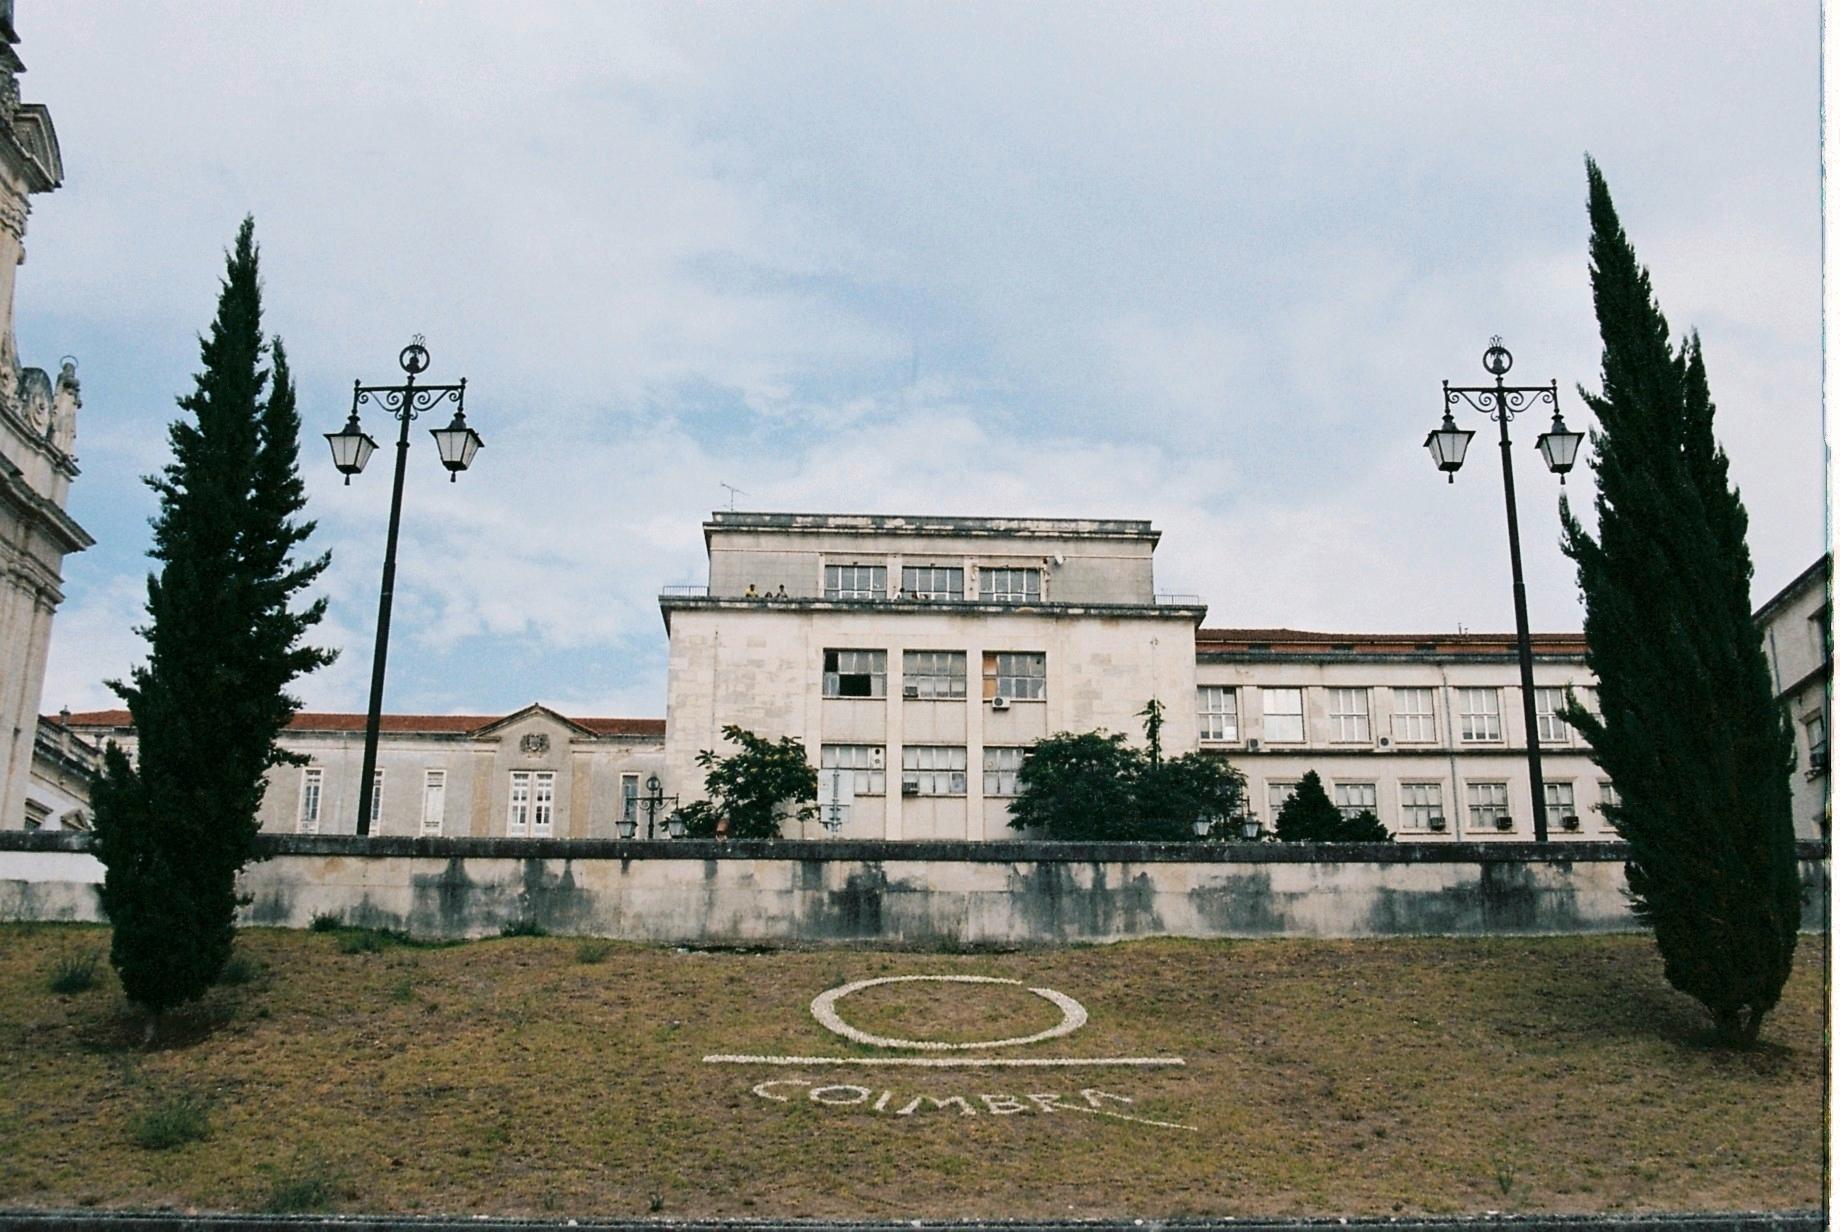 Coimbra 08-2019 - 1 of 62